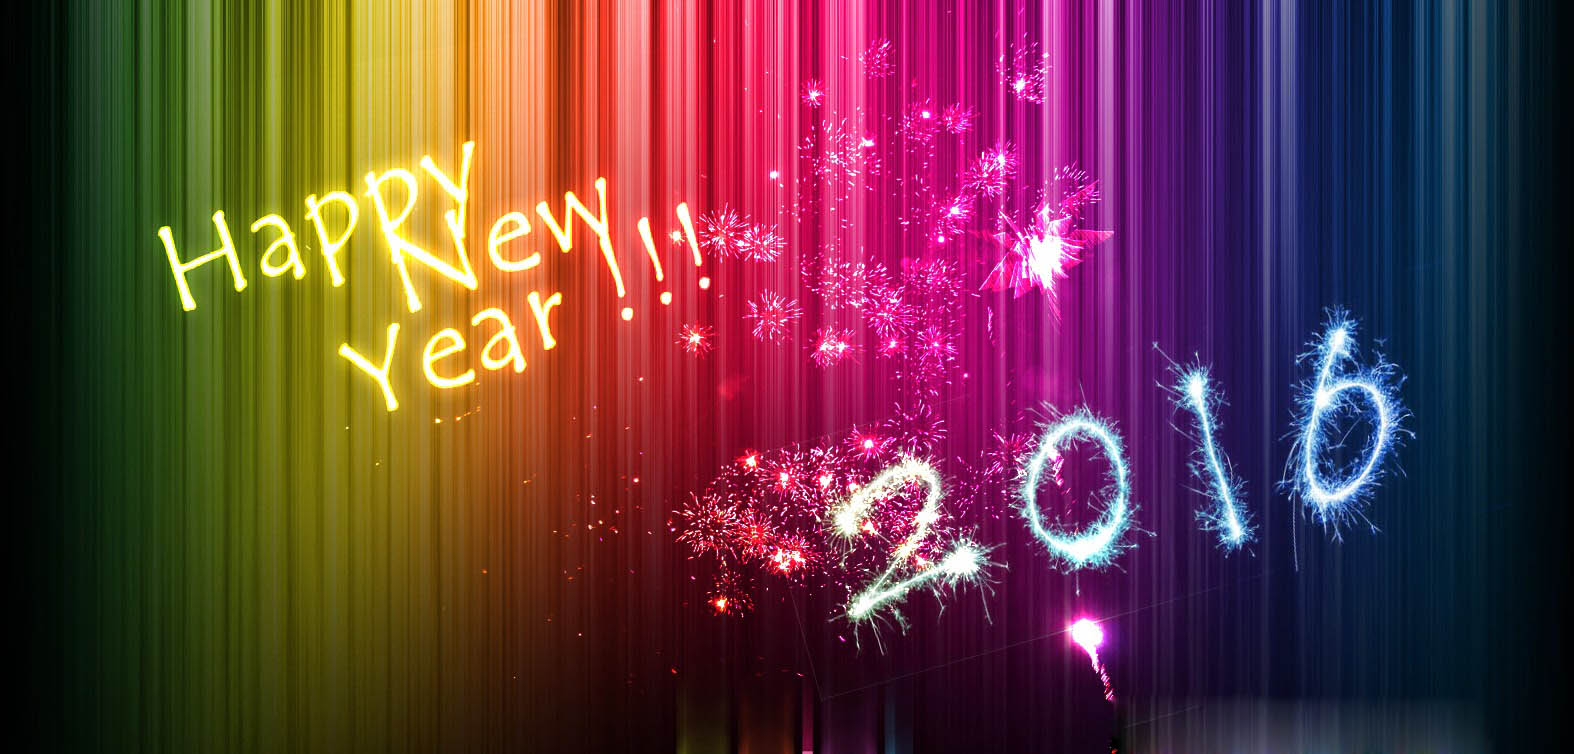 Hình nền chúc mừng năm mới 2016 - ảnh 6